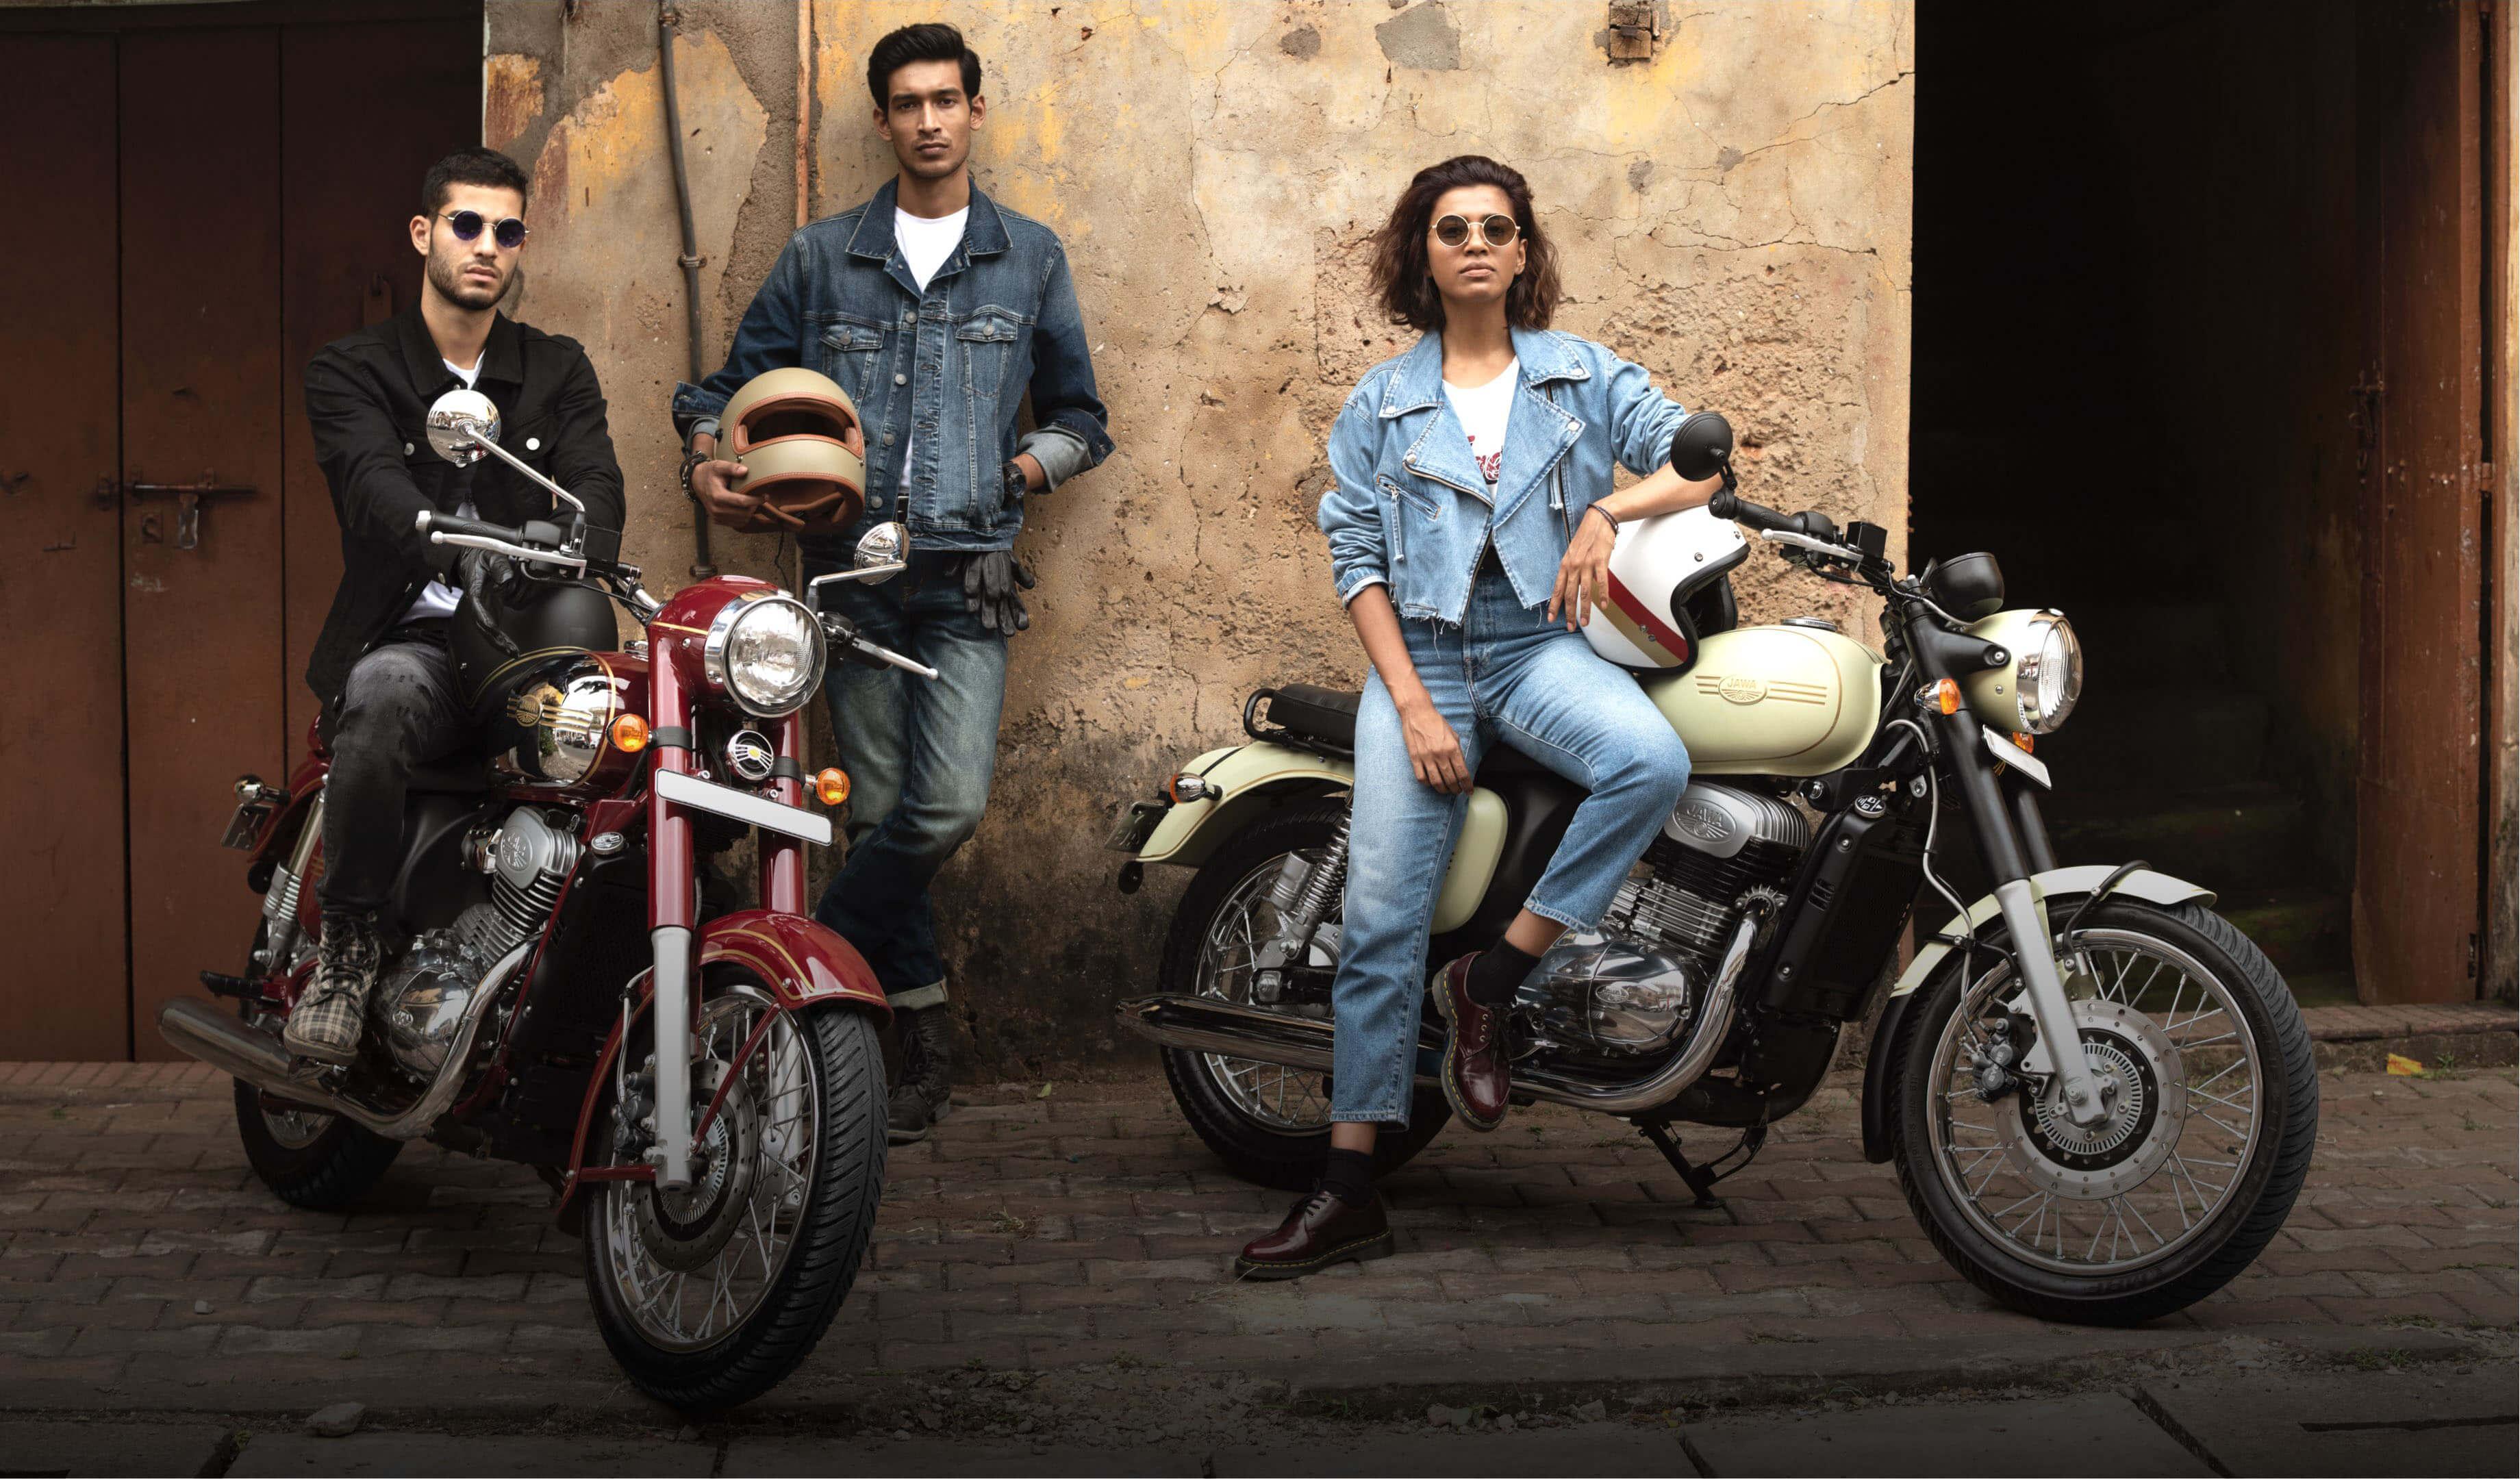 Jawa Motorcycle Company Jawa Motorcycles India